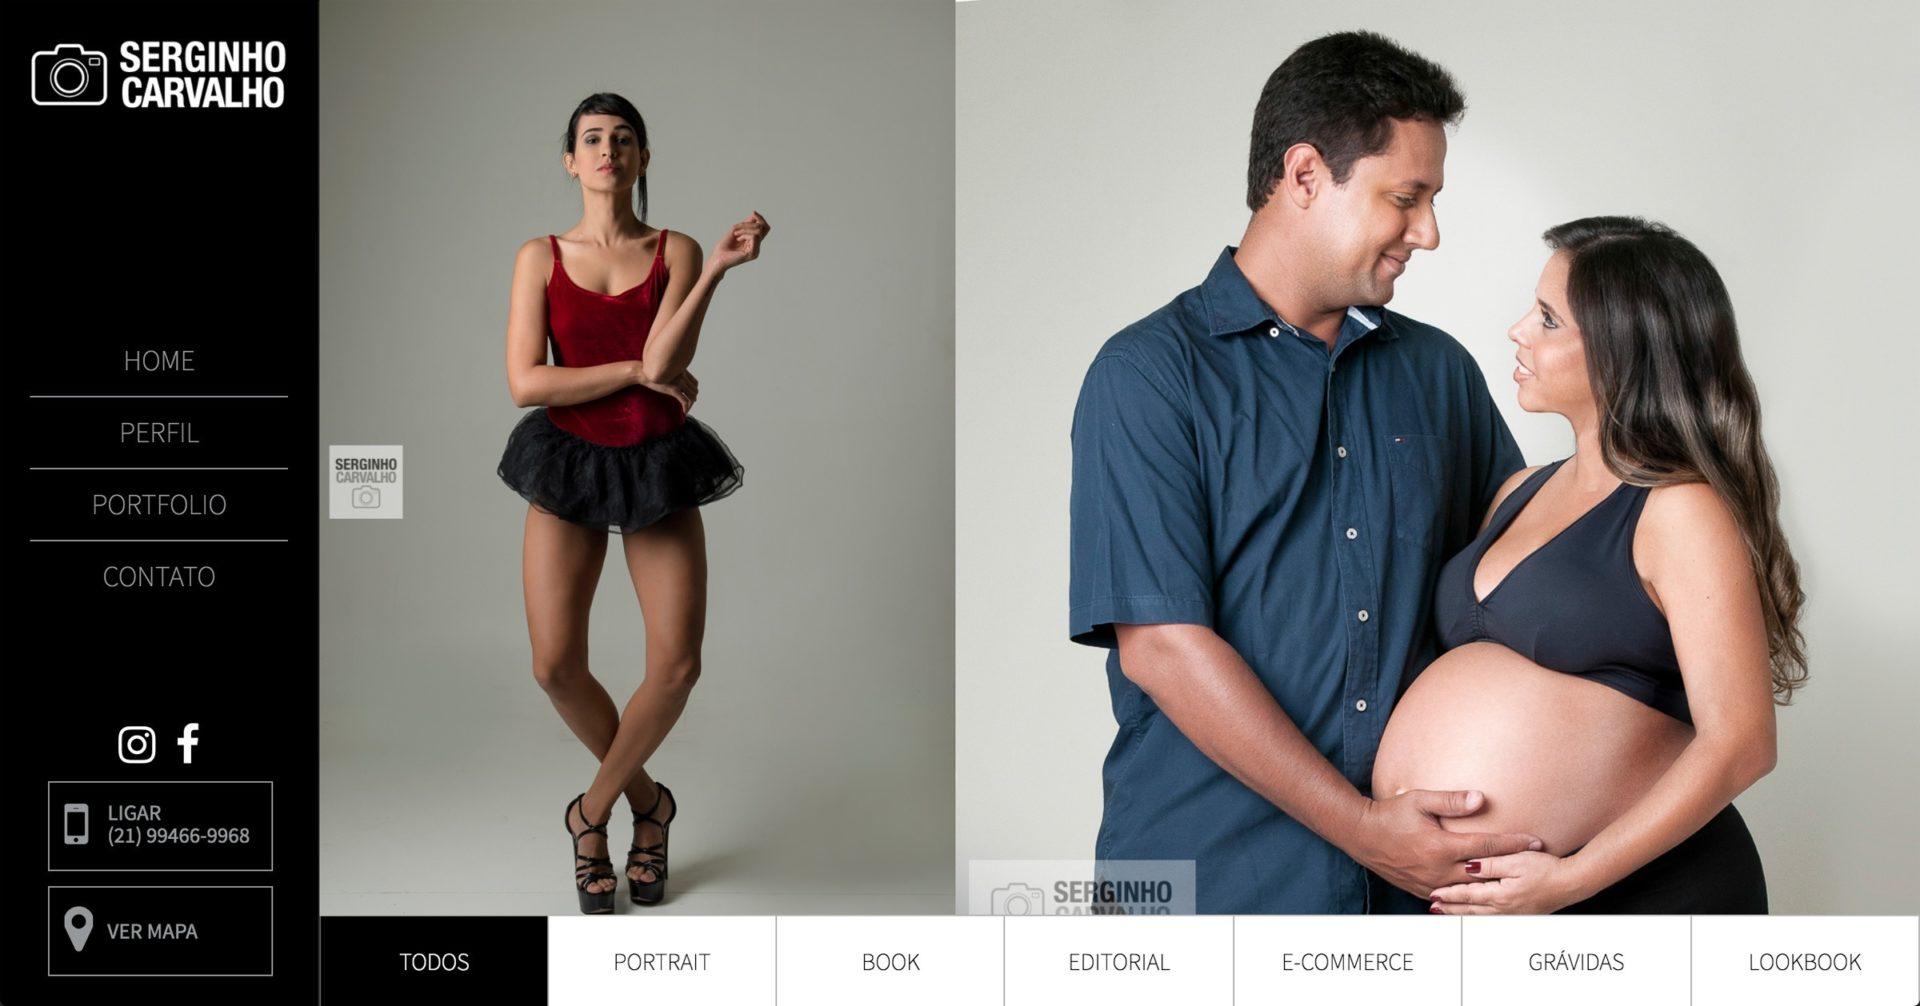 Capellaweb - Site - Serginho Carvalho